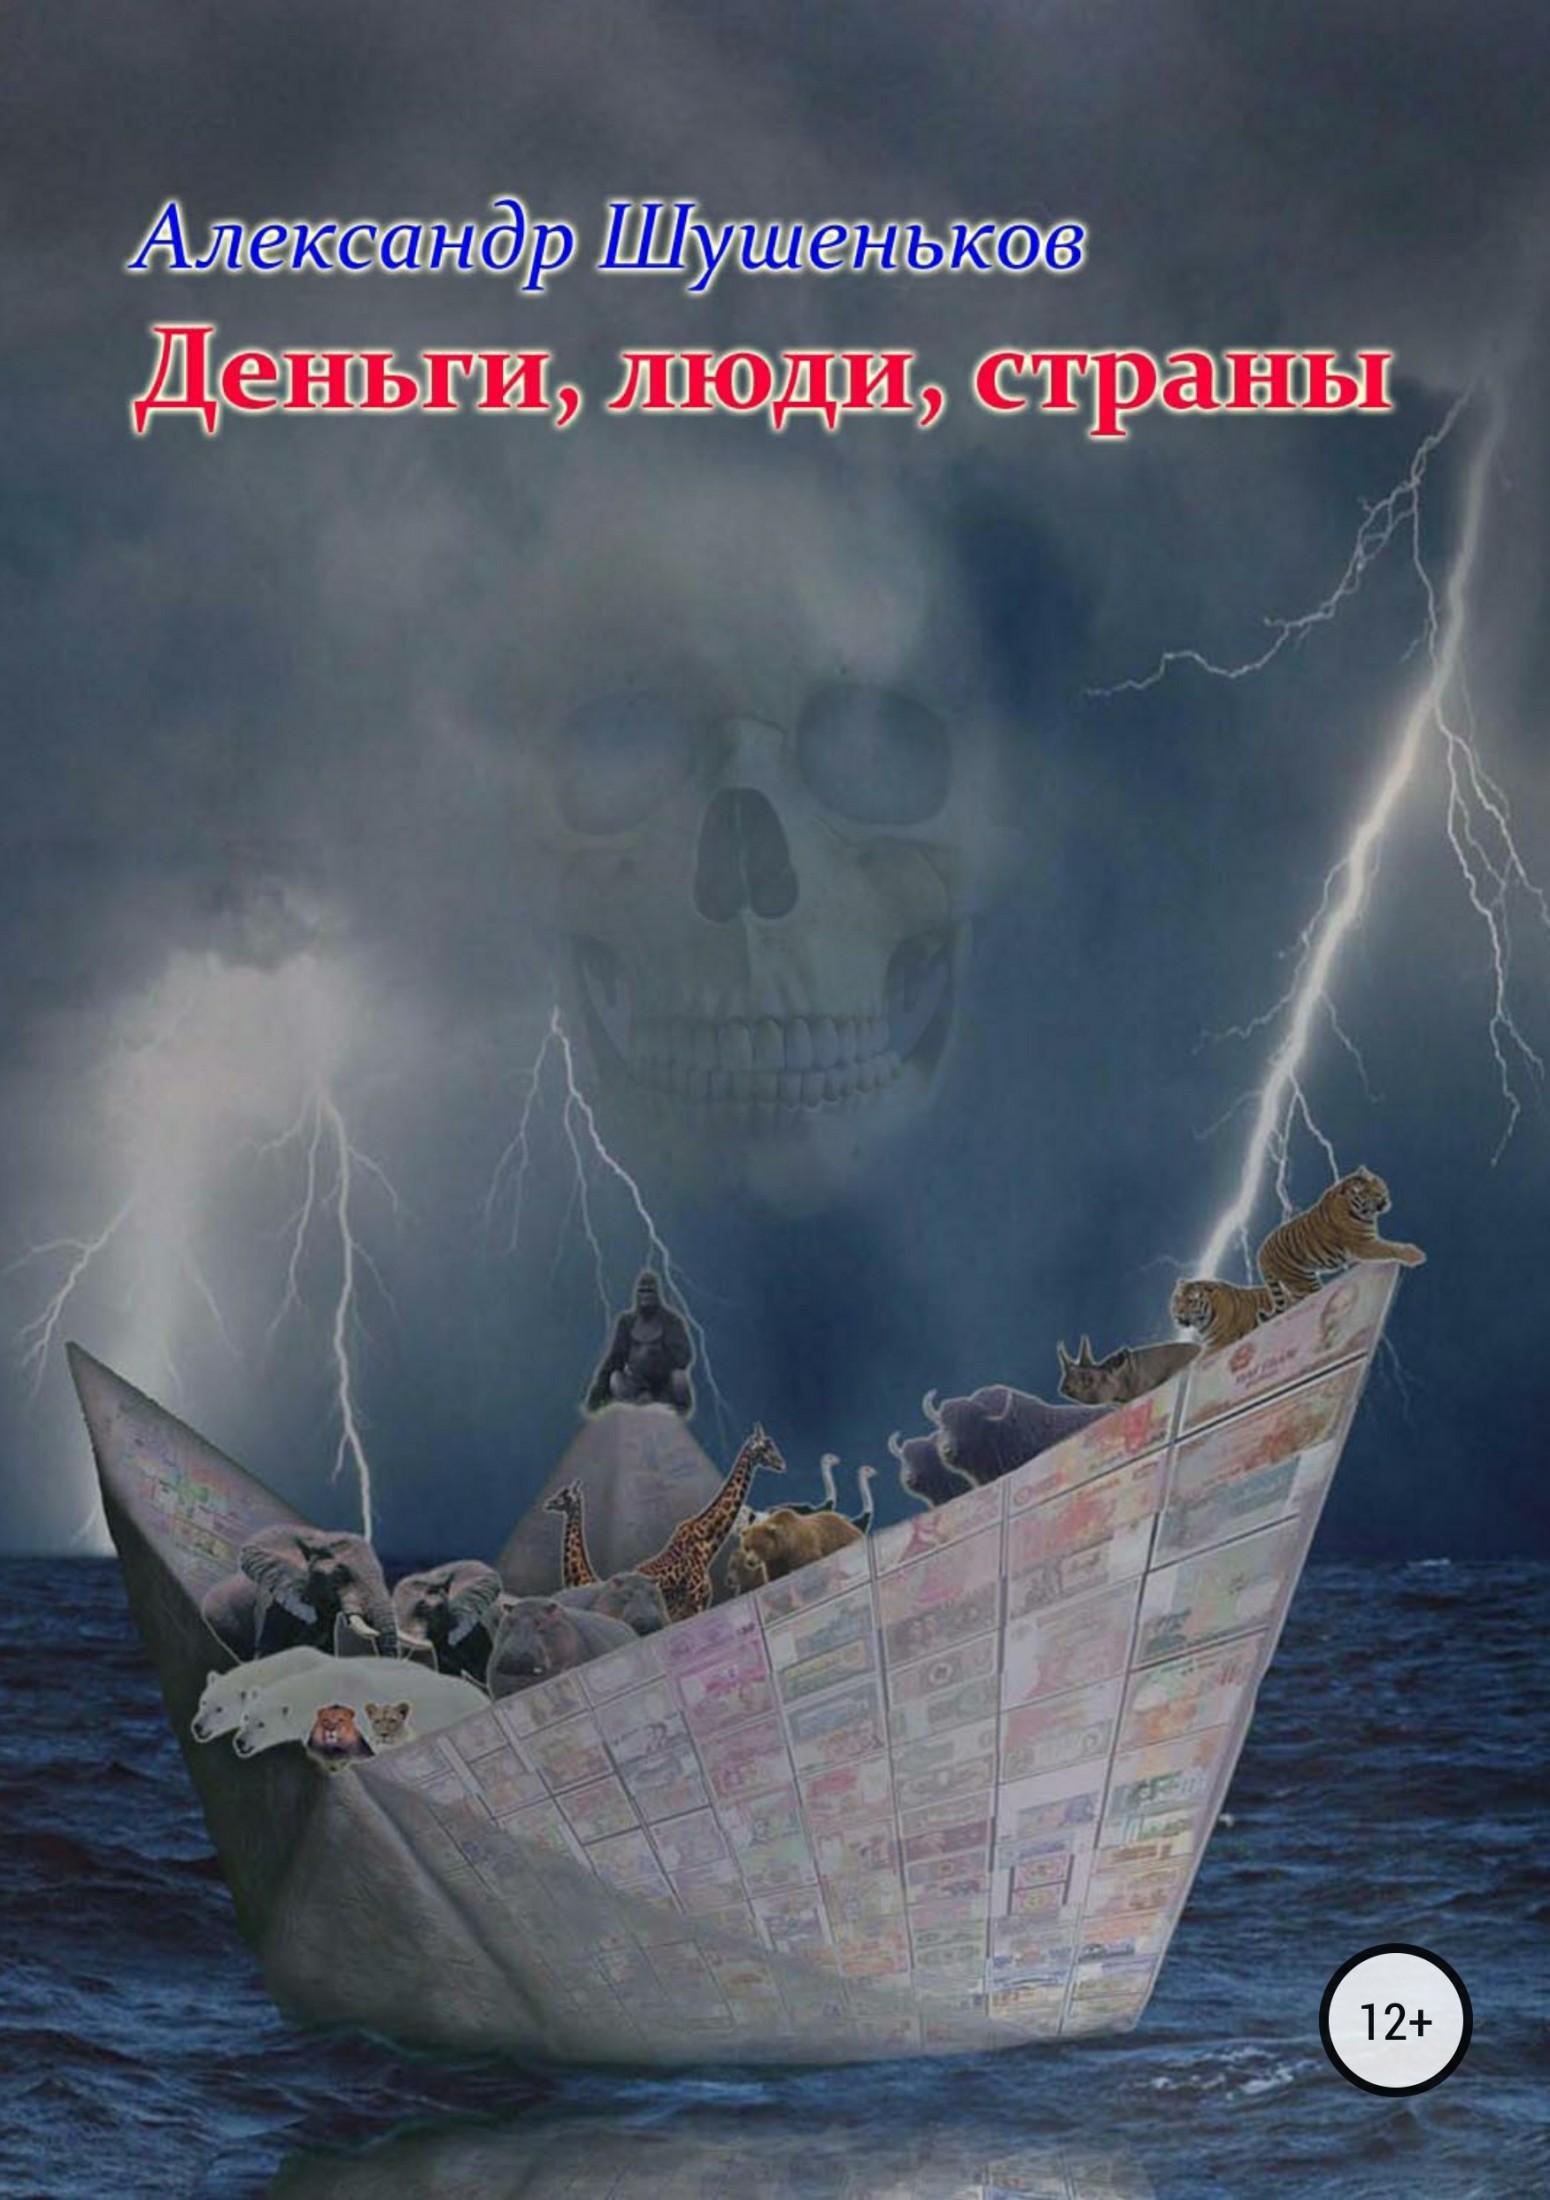 Александр Борисович Шушеньков бесплатно